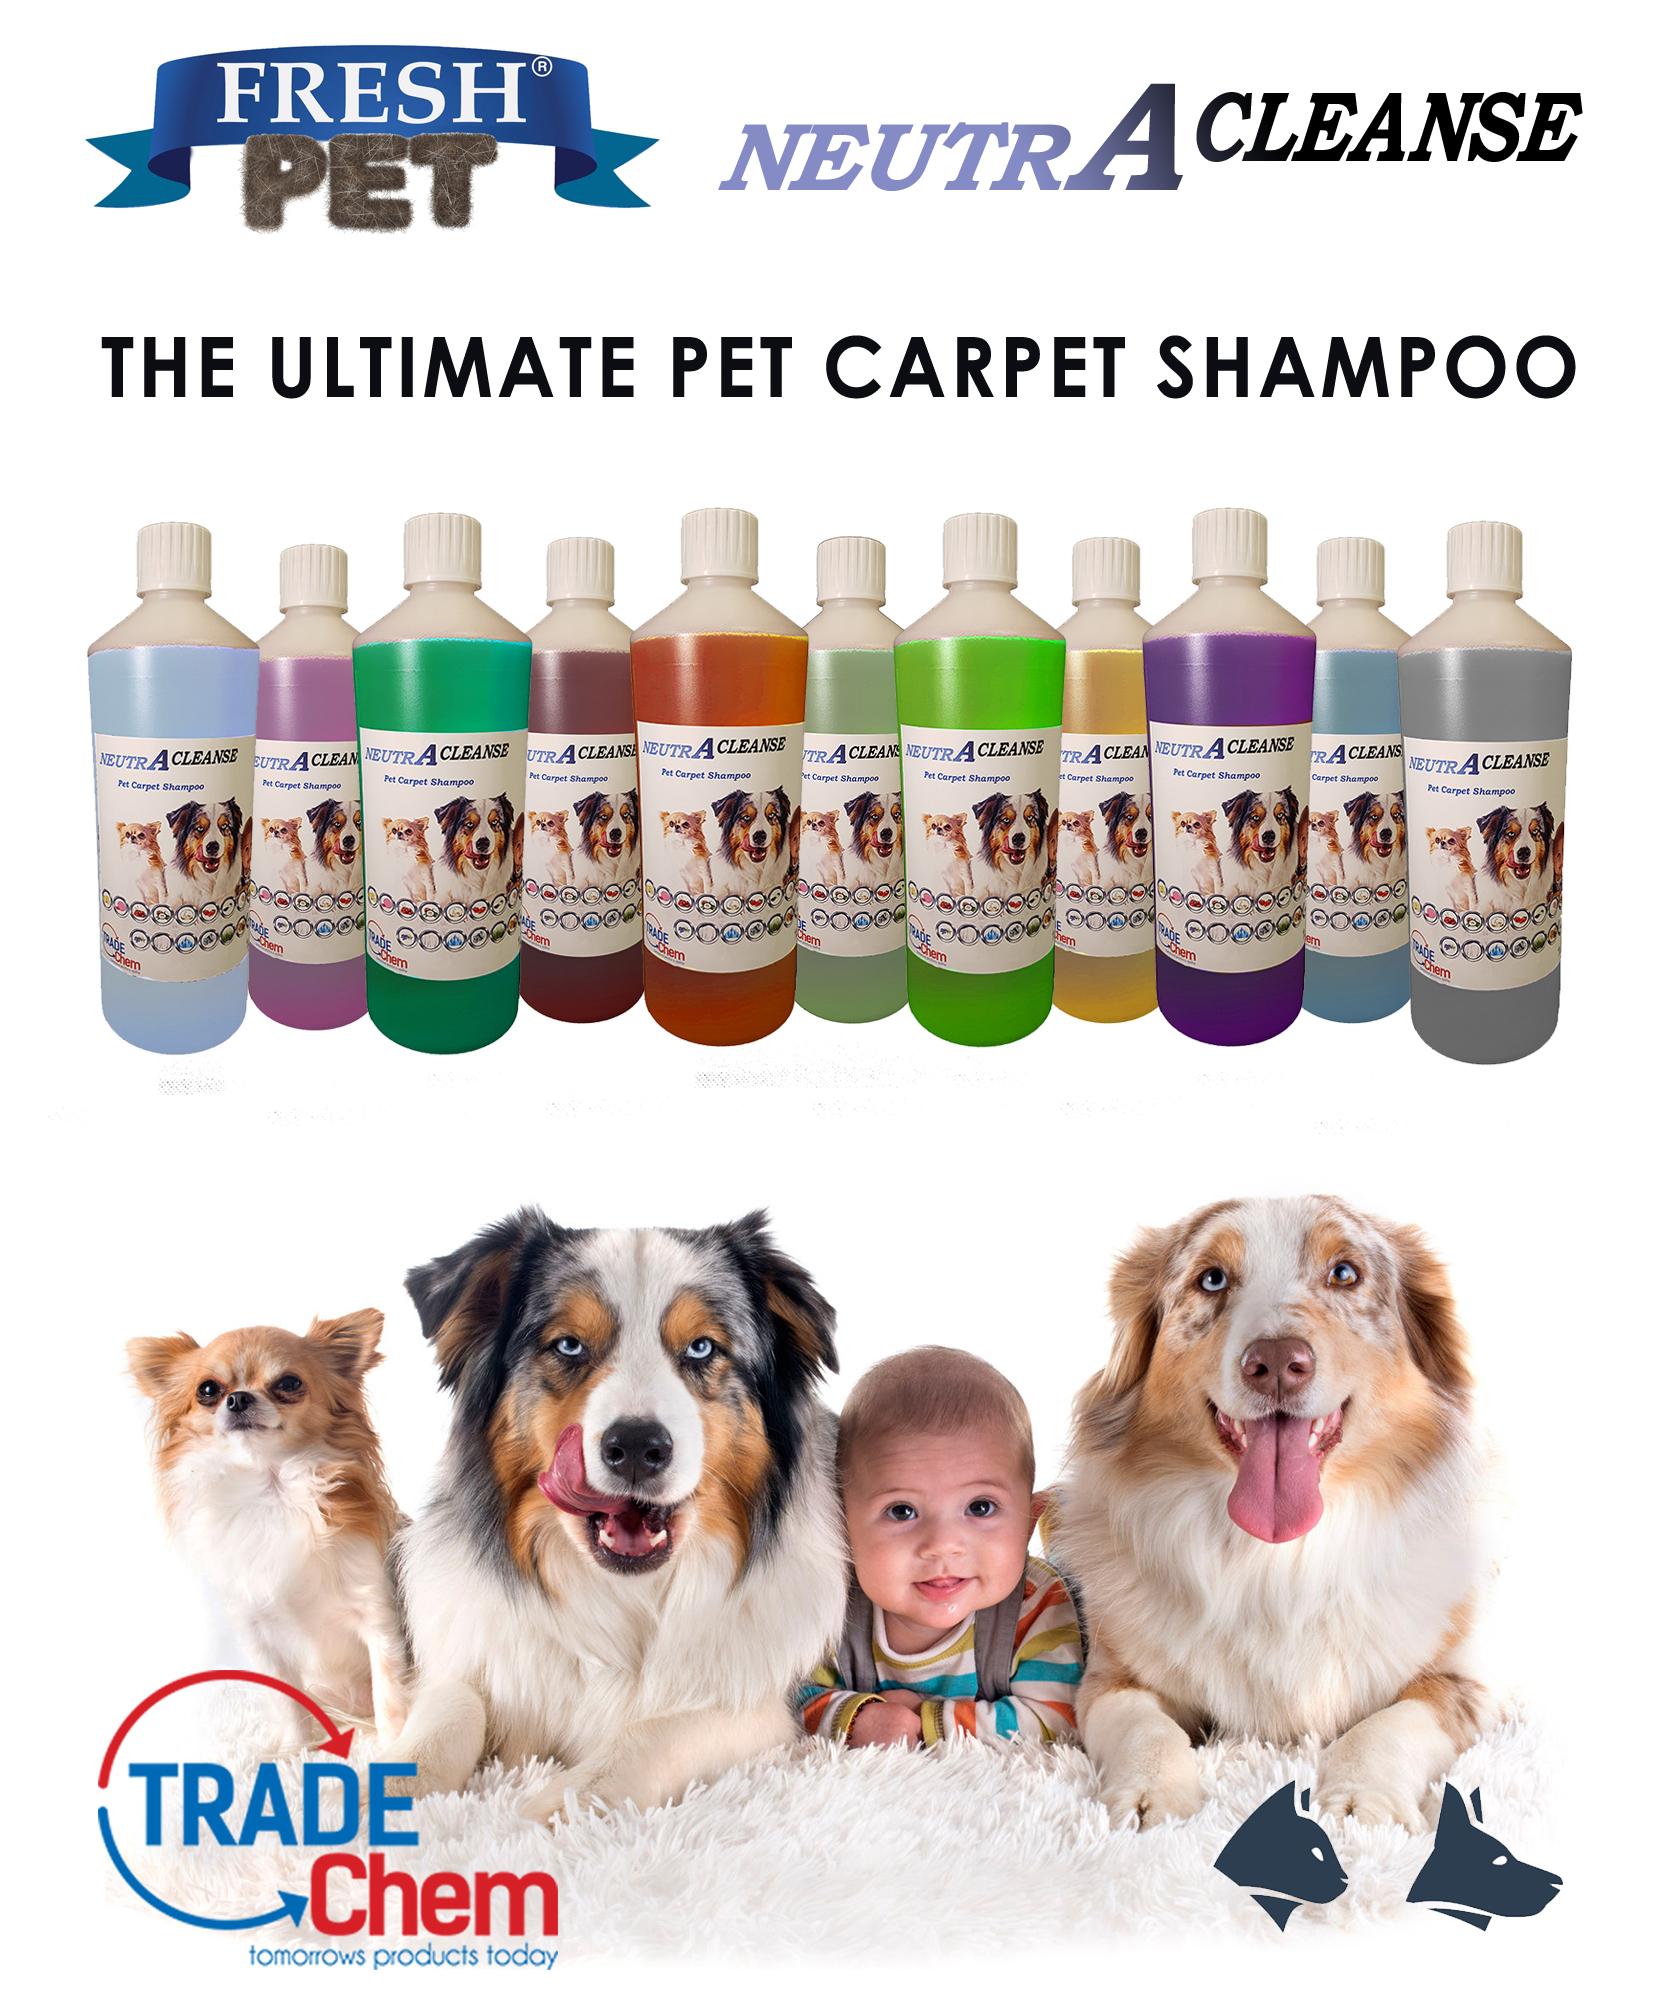 Neutralise CARPET SHAMPOO 5L range for website